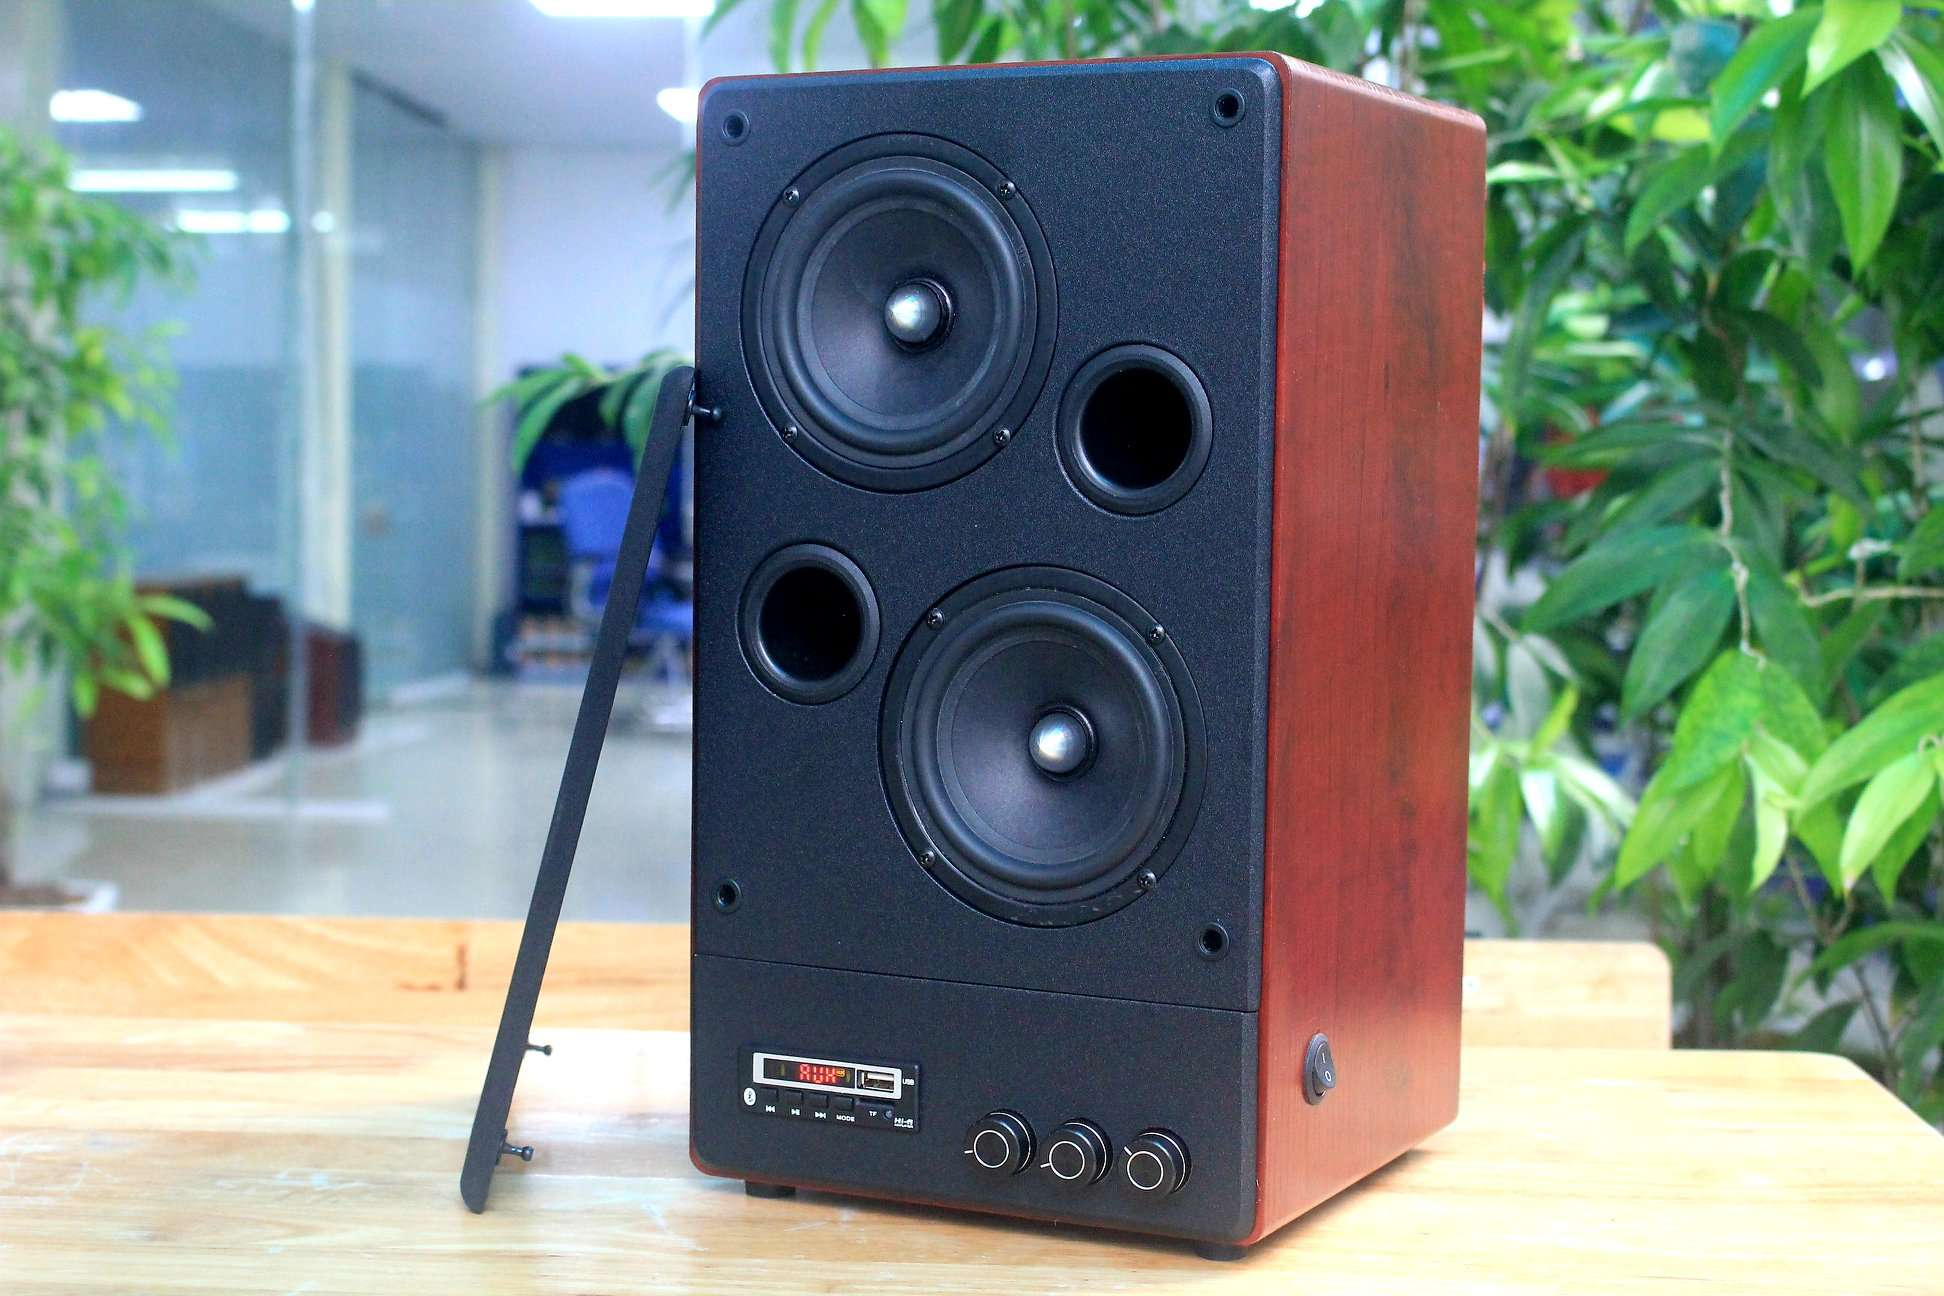 Loa toàn dải W110, loa đơn nghe nhạc hay, âm thanh nổi có kết nối bluetooth